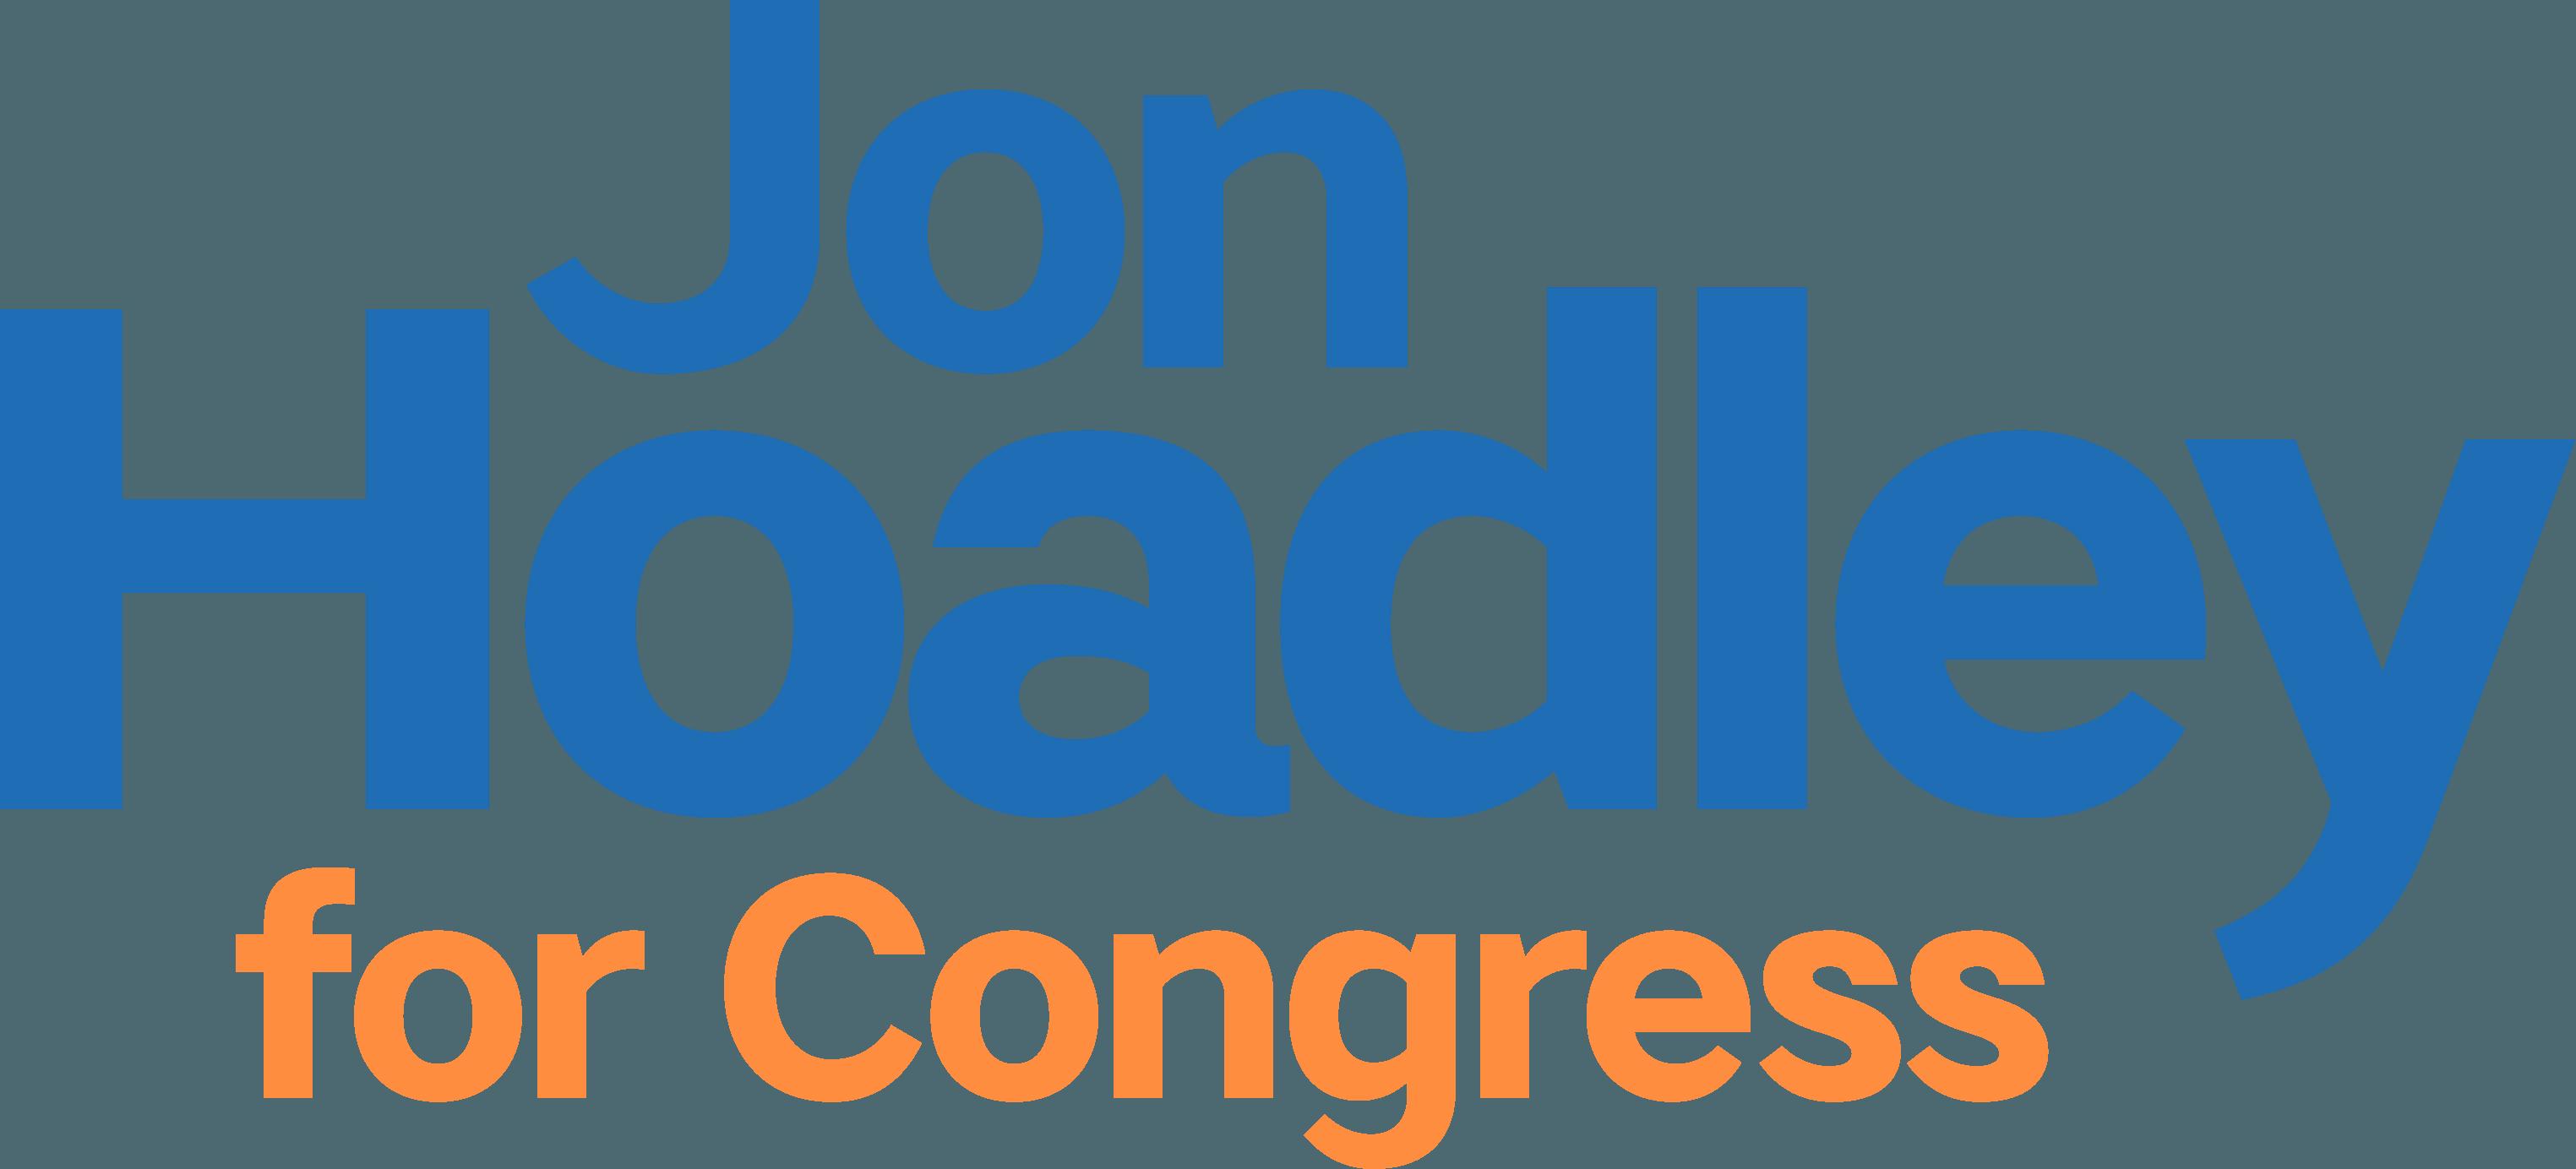 Jon Hoadley for Congress logo